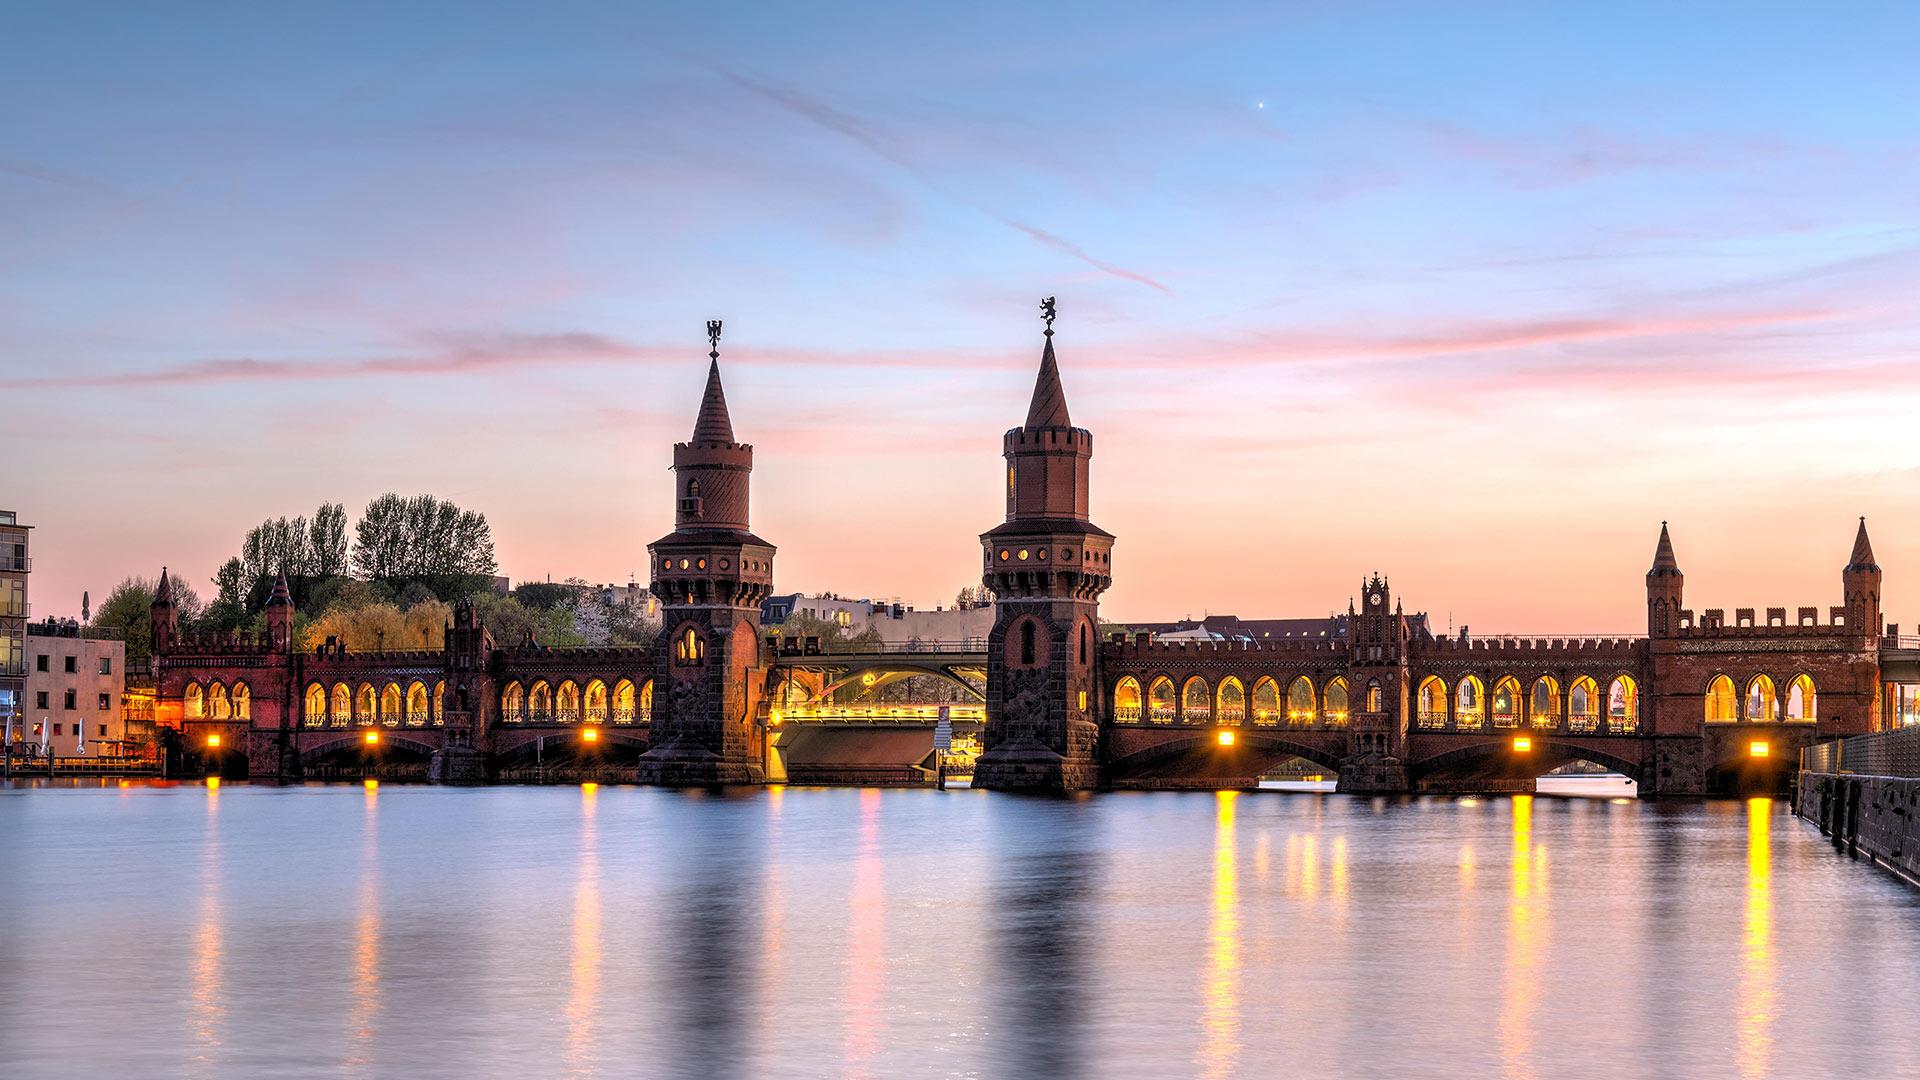 日落时分,施普雷河上美丽的奥伯鲍姆桥